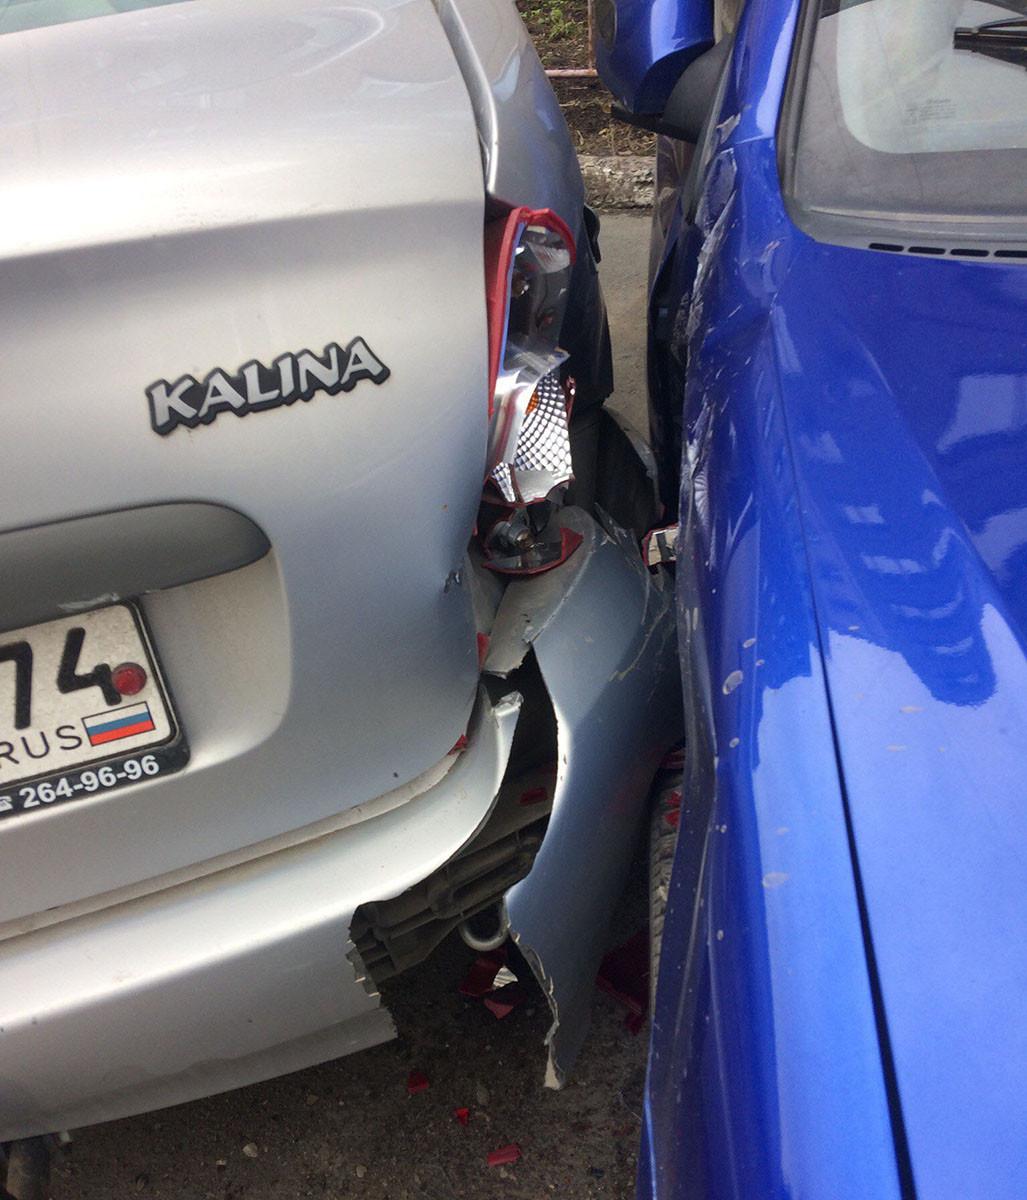 ВЧелябинске задержали водителя, который сломал 11 машин